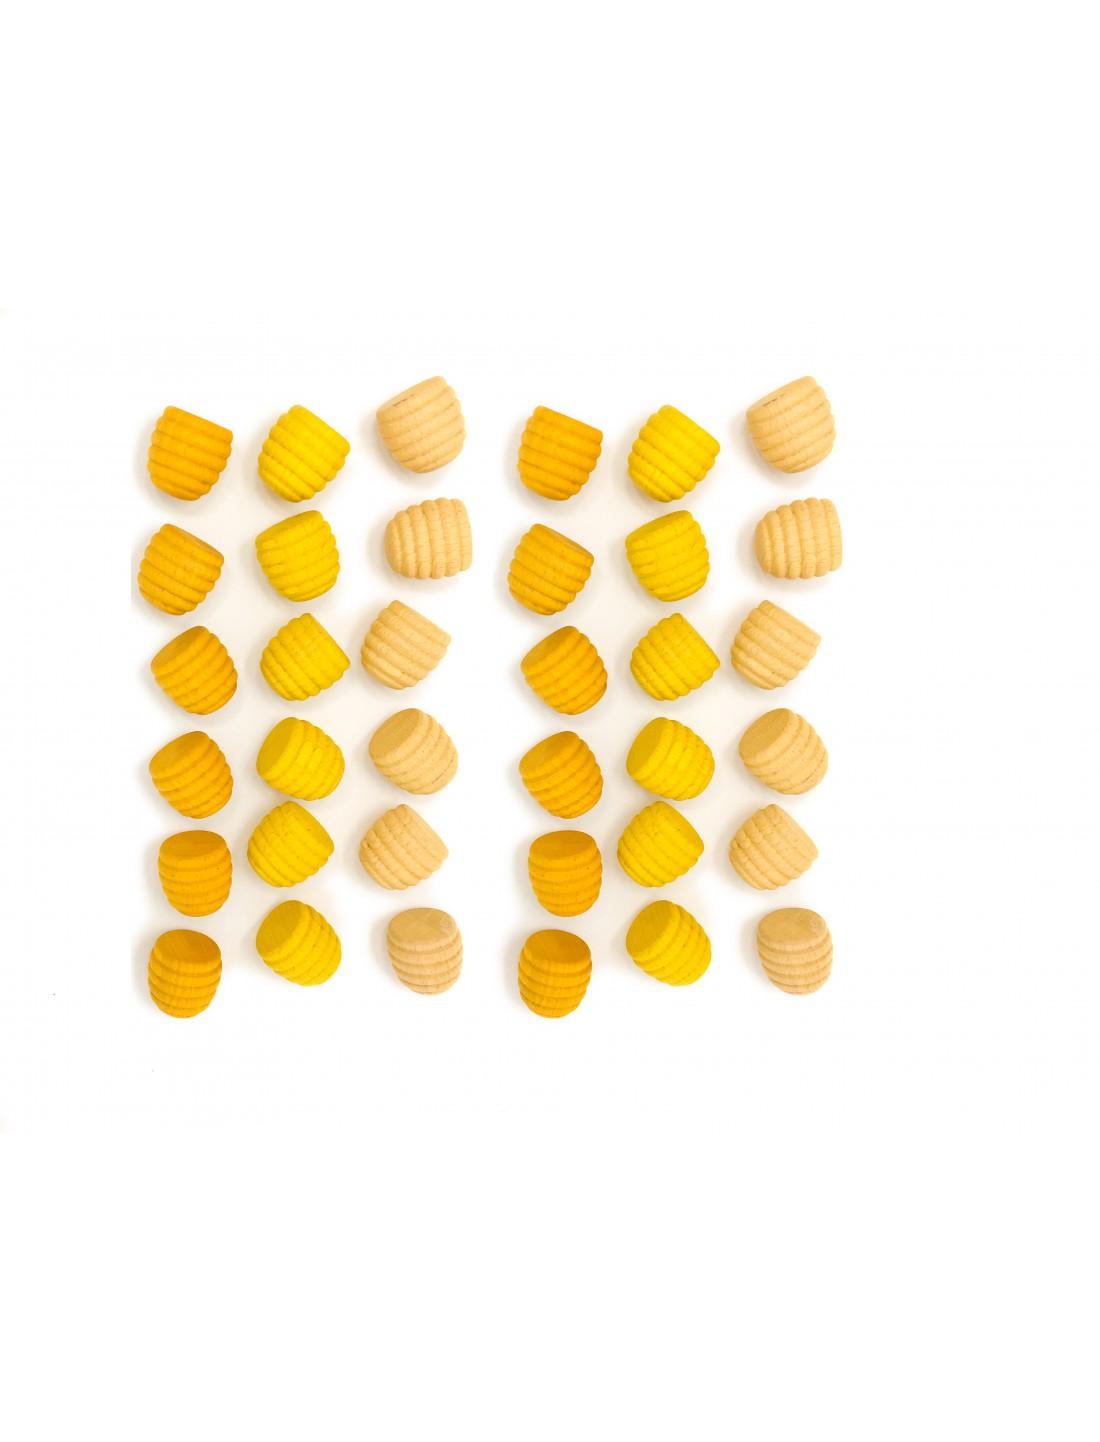 Mandala panales amarillos. Grapat